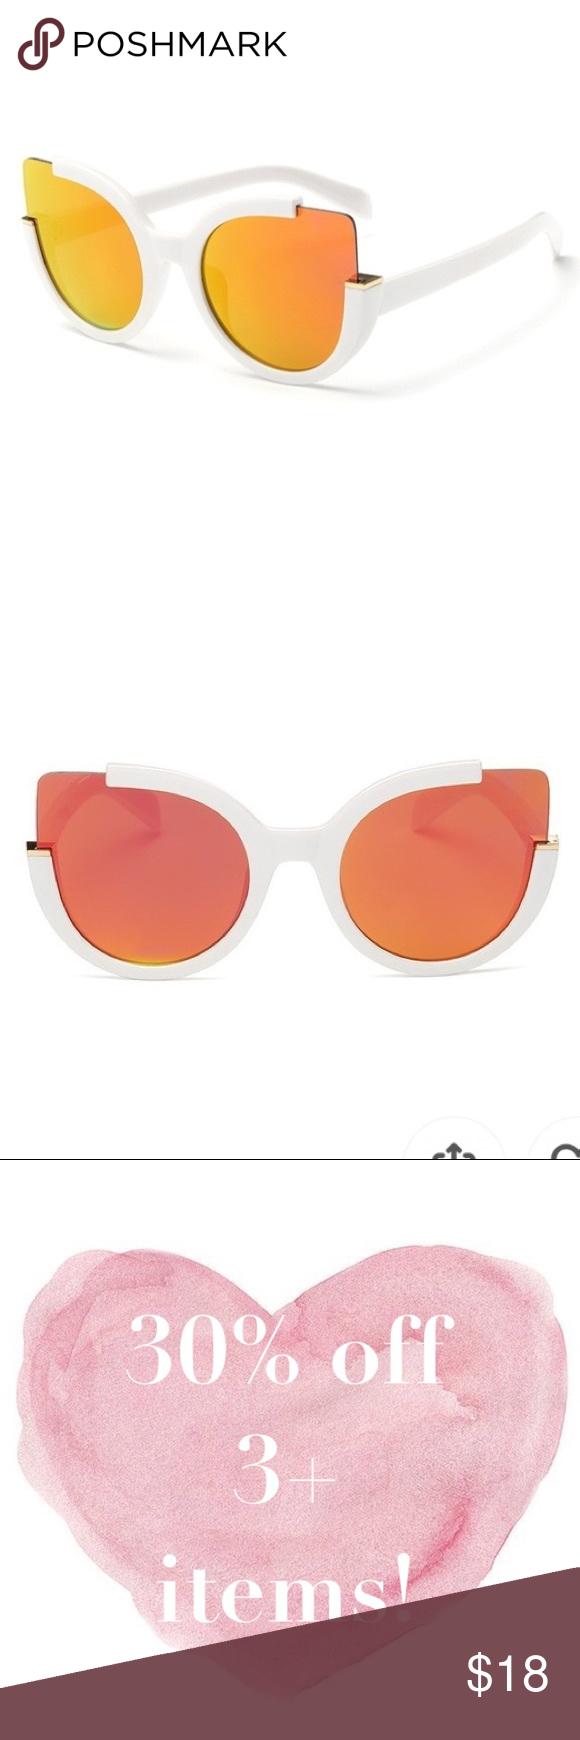 7a8e6a5cc4c57 📣 30% OFF! NWOT Torrid cateye sunglasses White